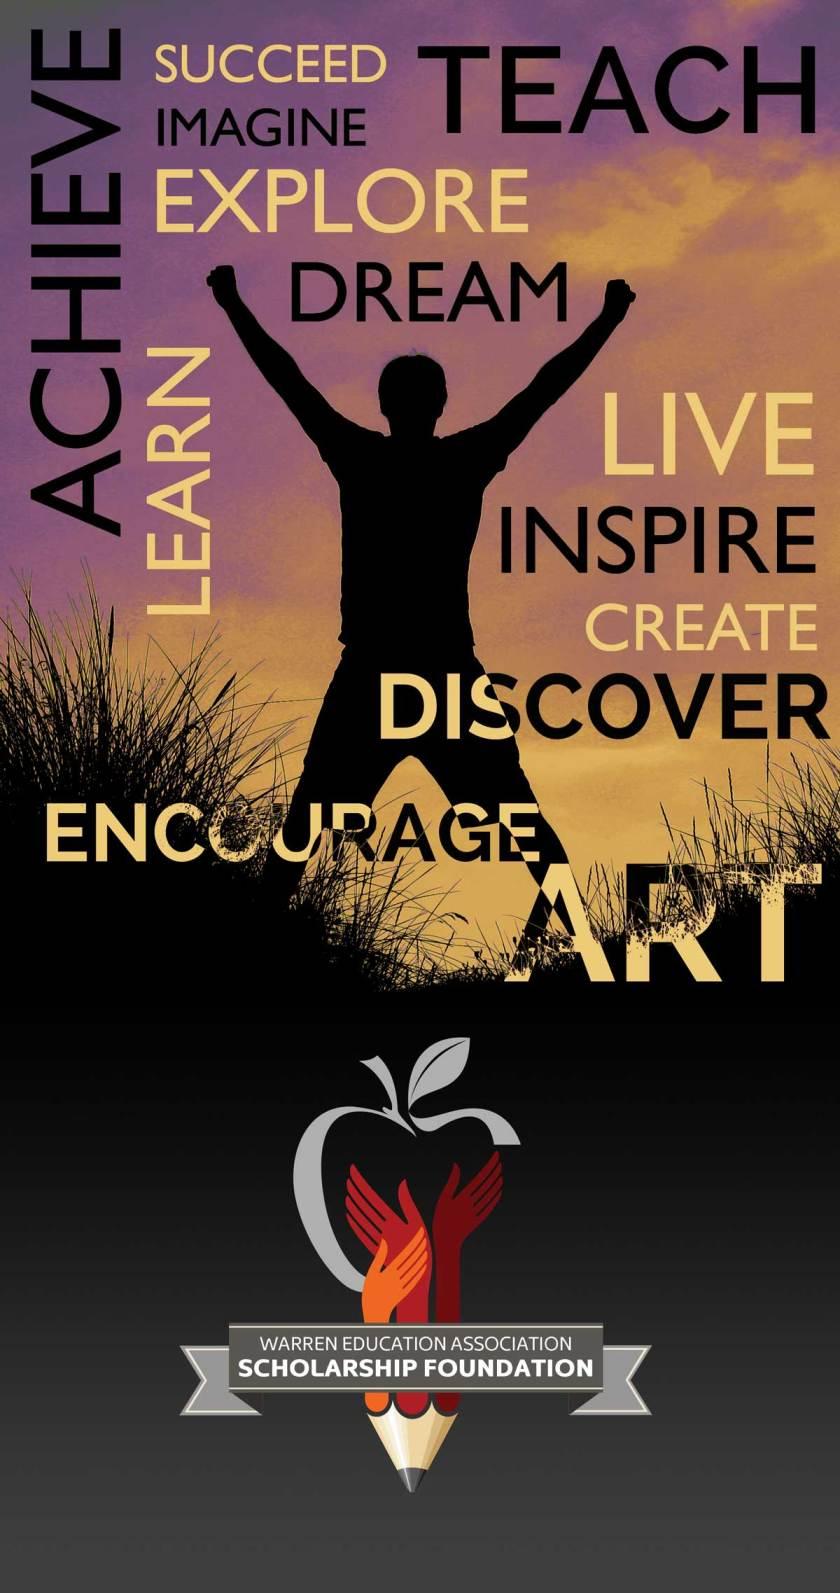 WEA-scholarship-poster